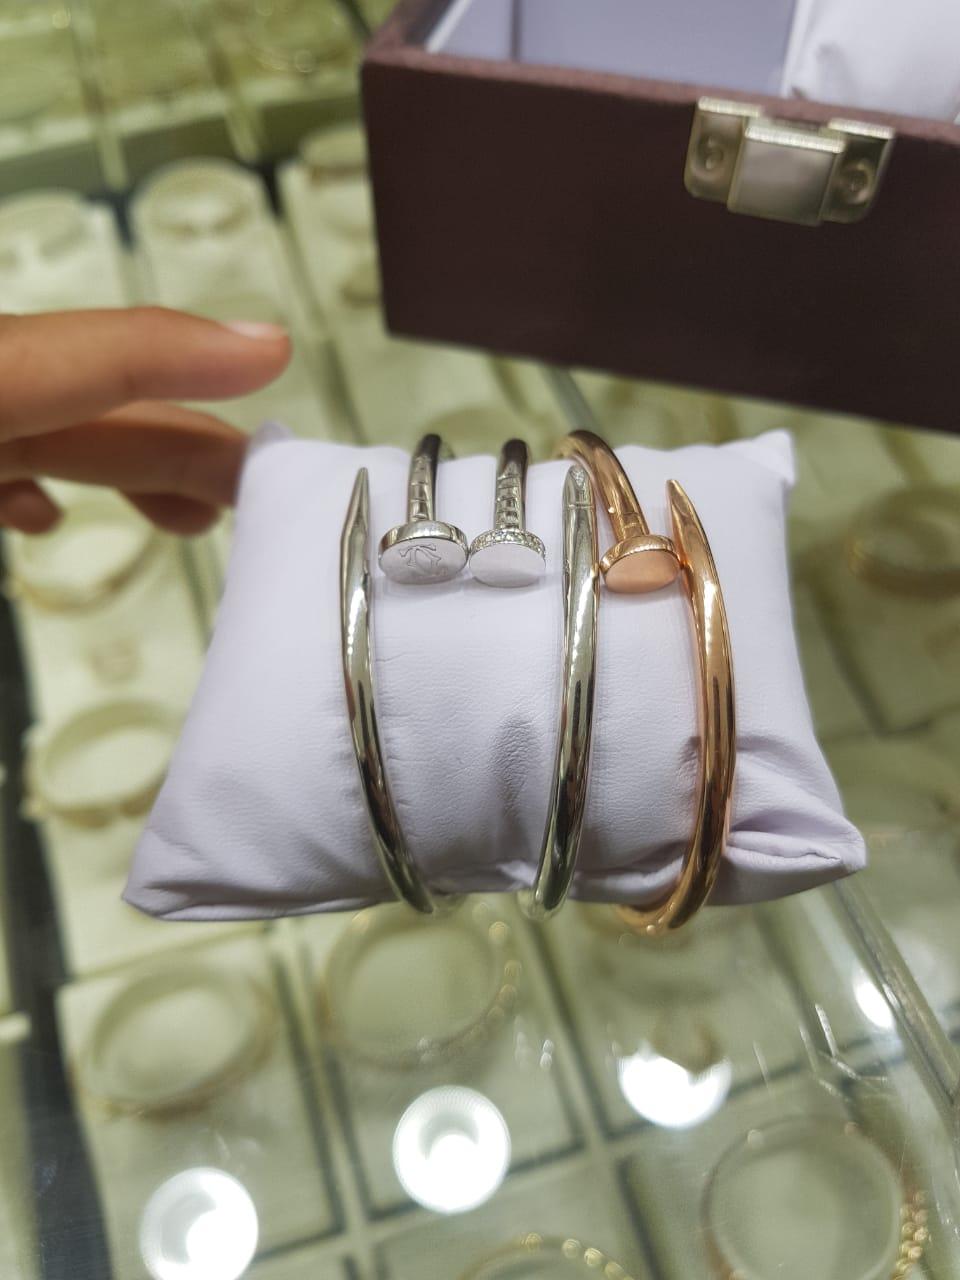 بالصور: مجوهرات بالرياض مقلدة لماركة 4d14d2a9-aa83-4ef2-b